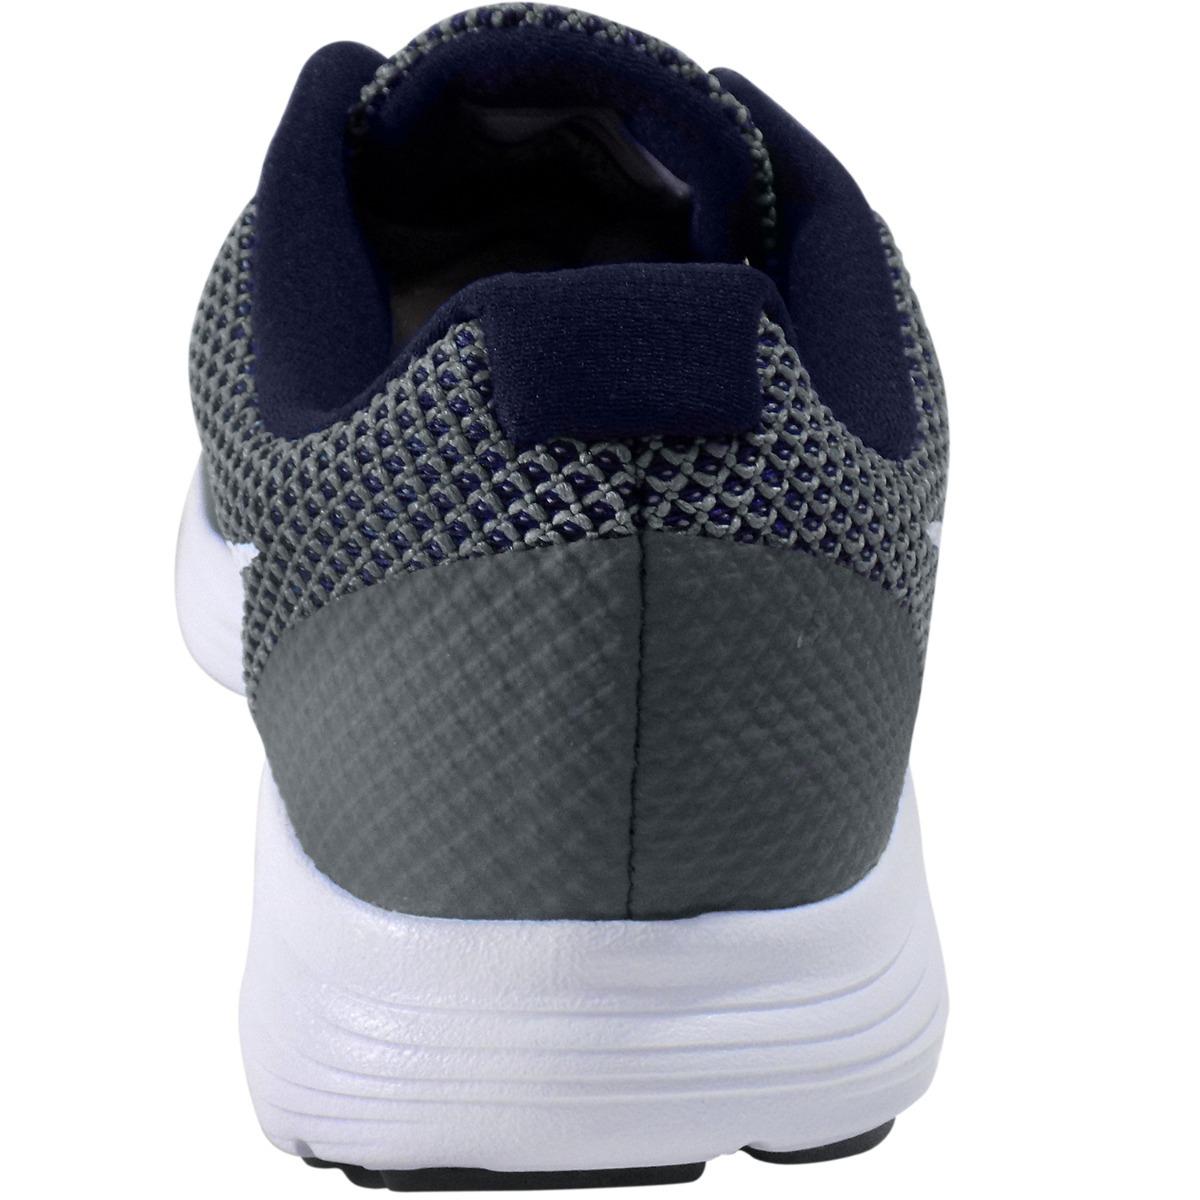 c7e5bc6e26cb5 tenis nike revolution 3 running para hombre gris azul marino. Cargando zoom.